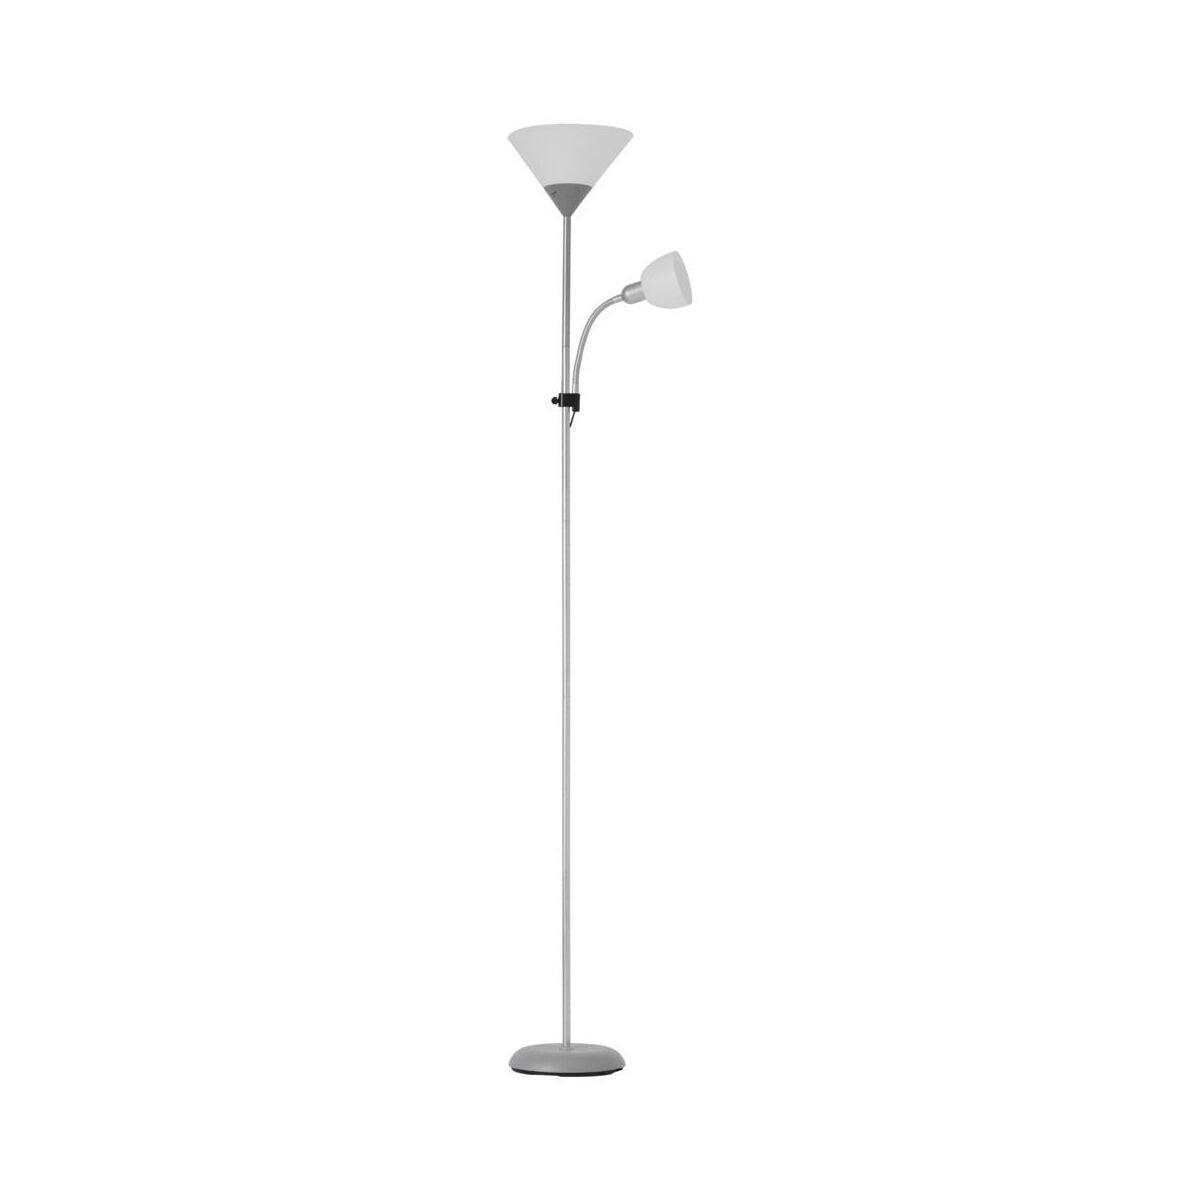 Lampa Stojąca Z Lampką Do Czytania Bez źródła światła Basic